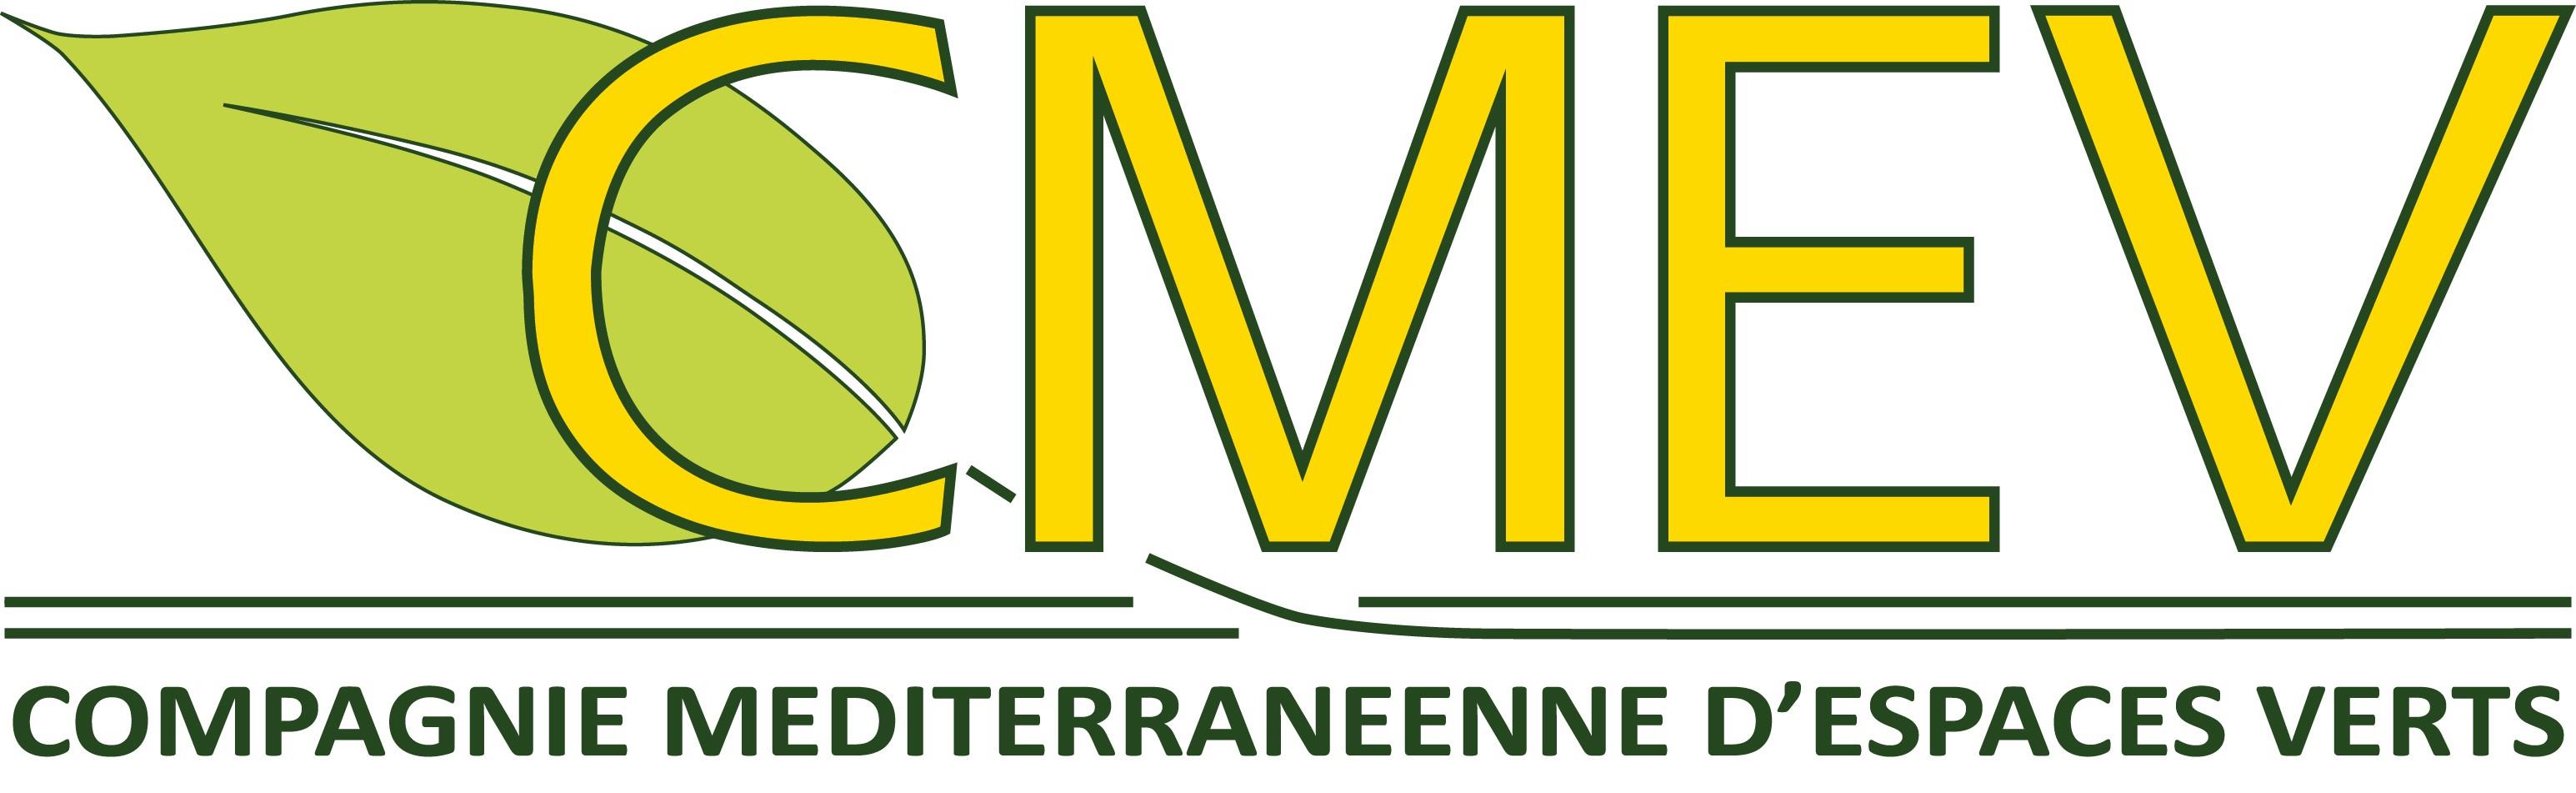 Chemin Des Canaux 30230 Bouillargues compagnie méditerranéenne d'espaces verts - cmev   linkedin